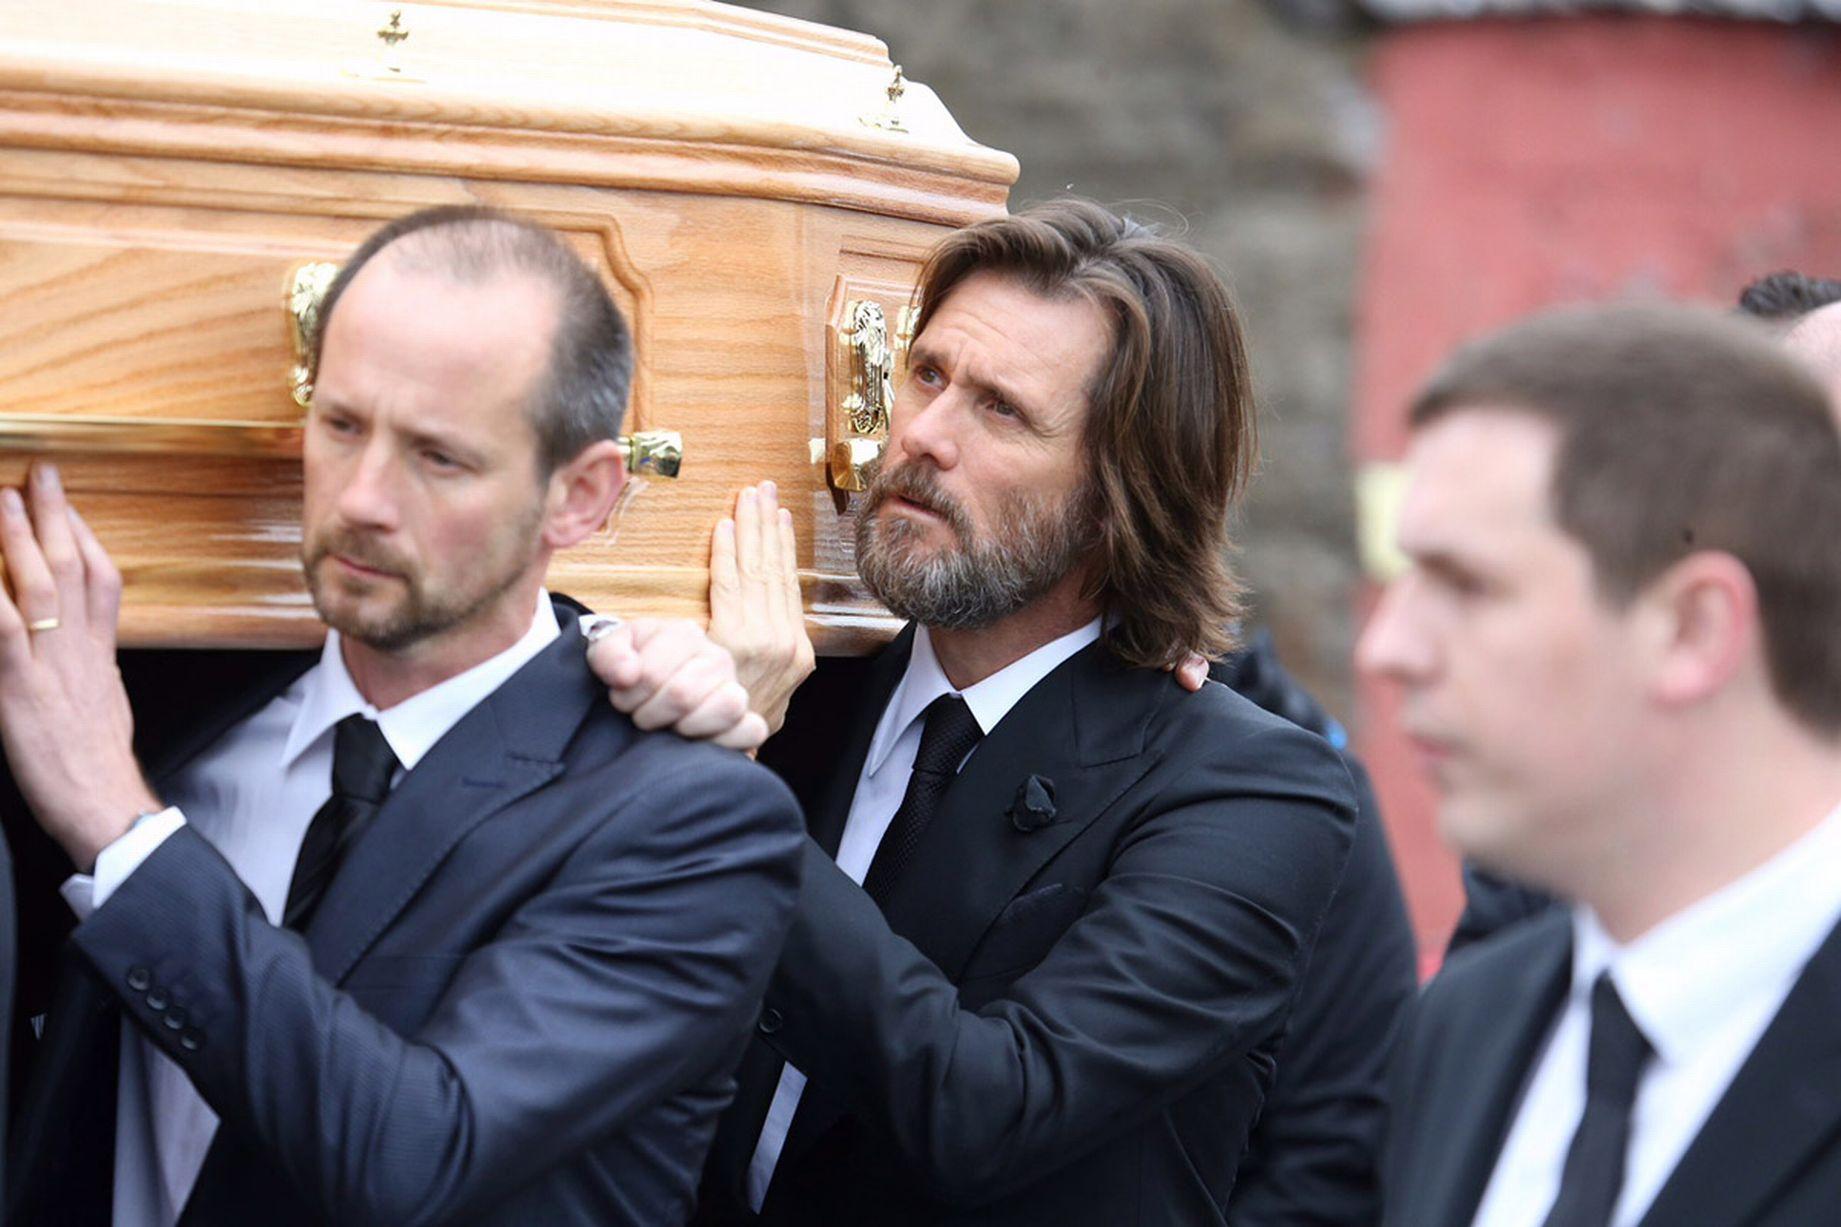 Картинки по запросу джим керри похороны